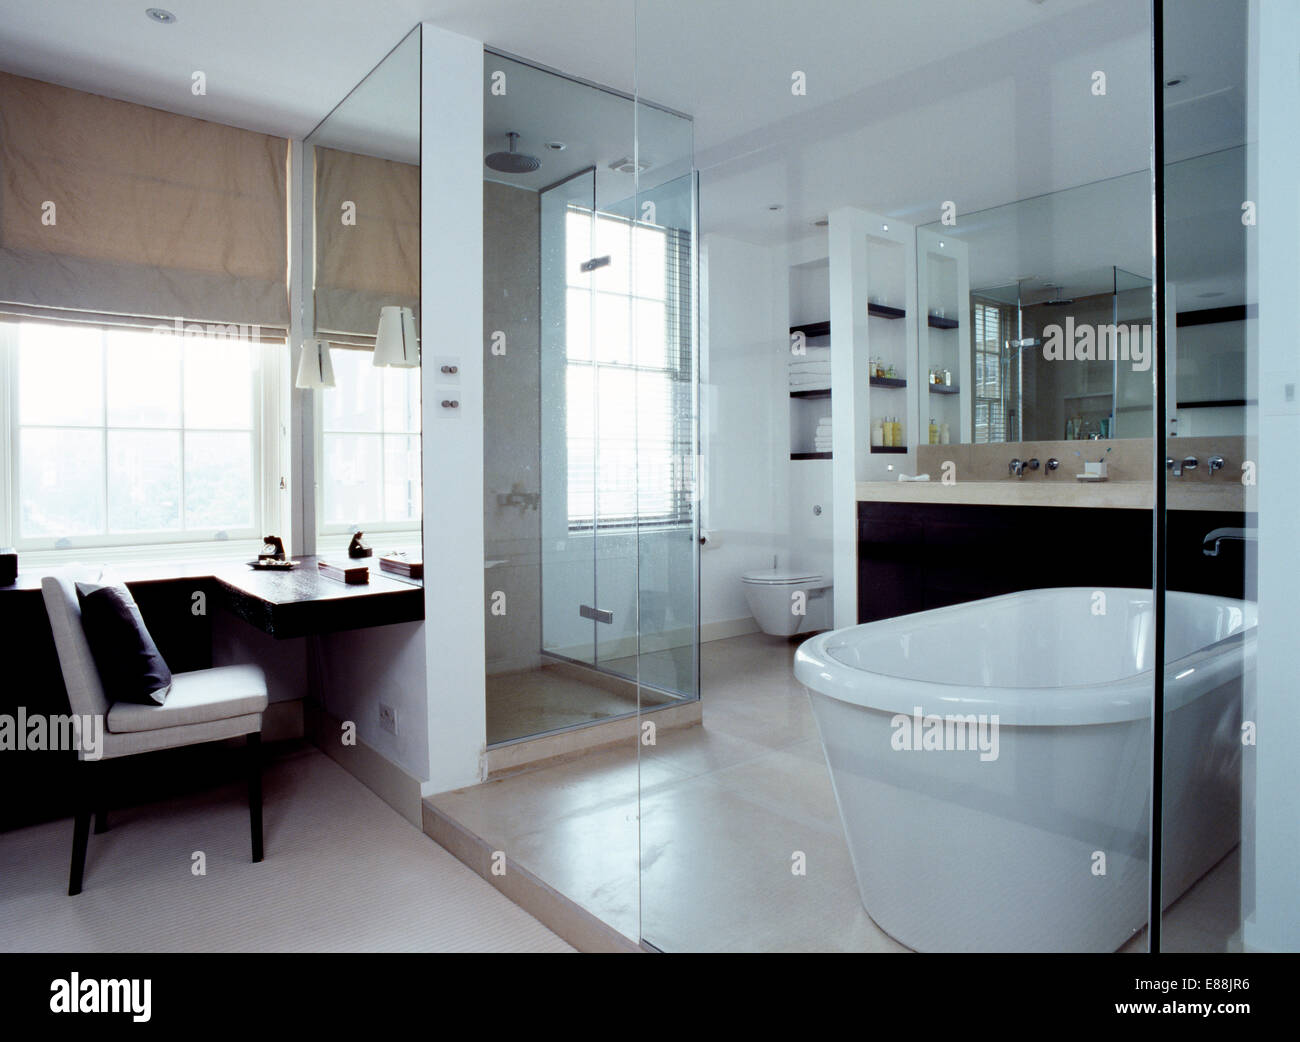 Glaswand im modernen Badezimmer mit weien Rolltop Bad Wand Stockfoto Bild 73949098  Alamy